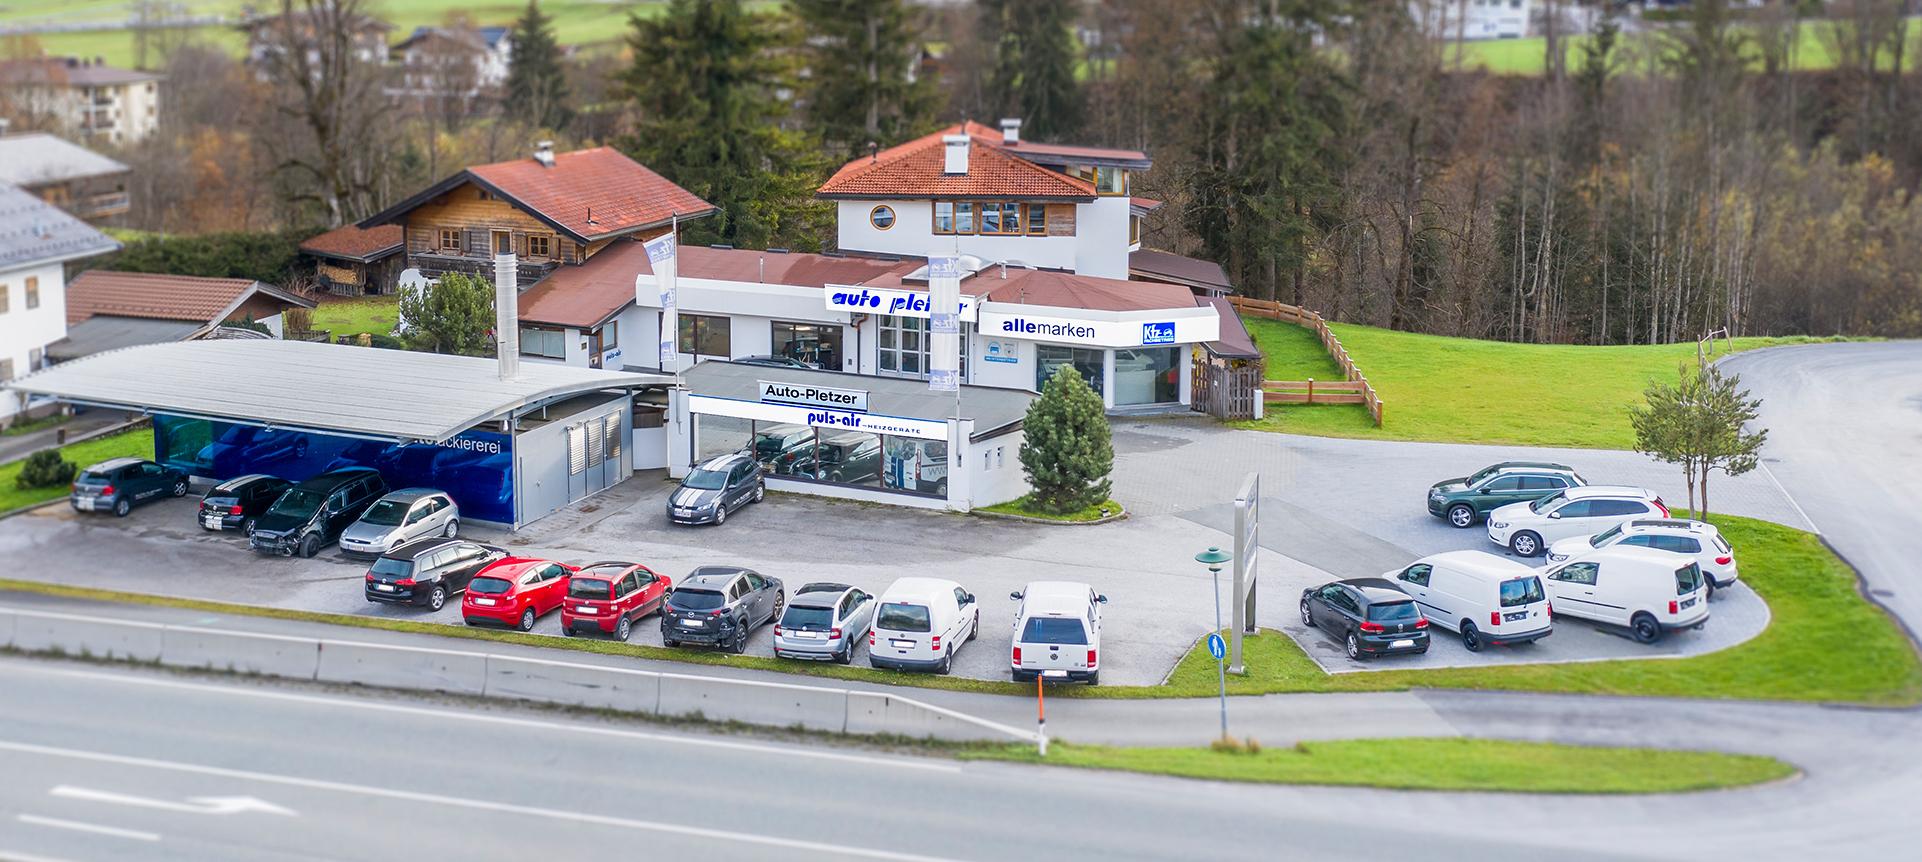 Freie Kfz Werkstatt & Autohaus Pletzer in Going am Wilden Kaiser - alle Marken